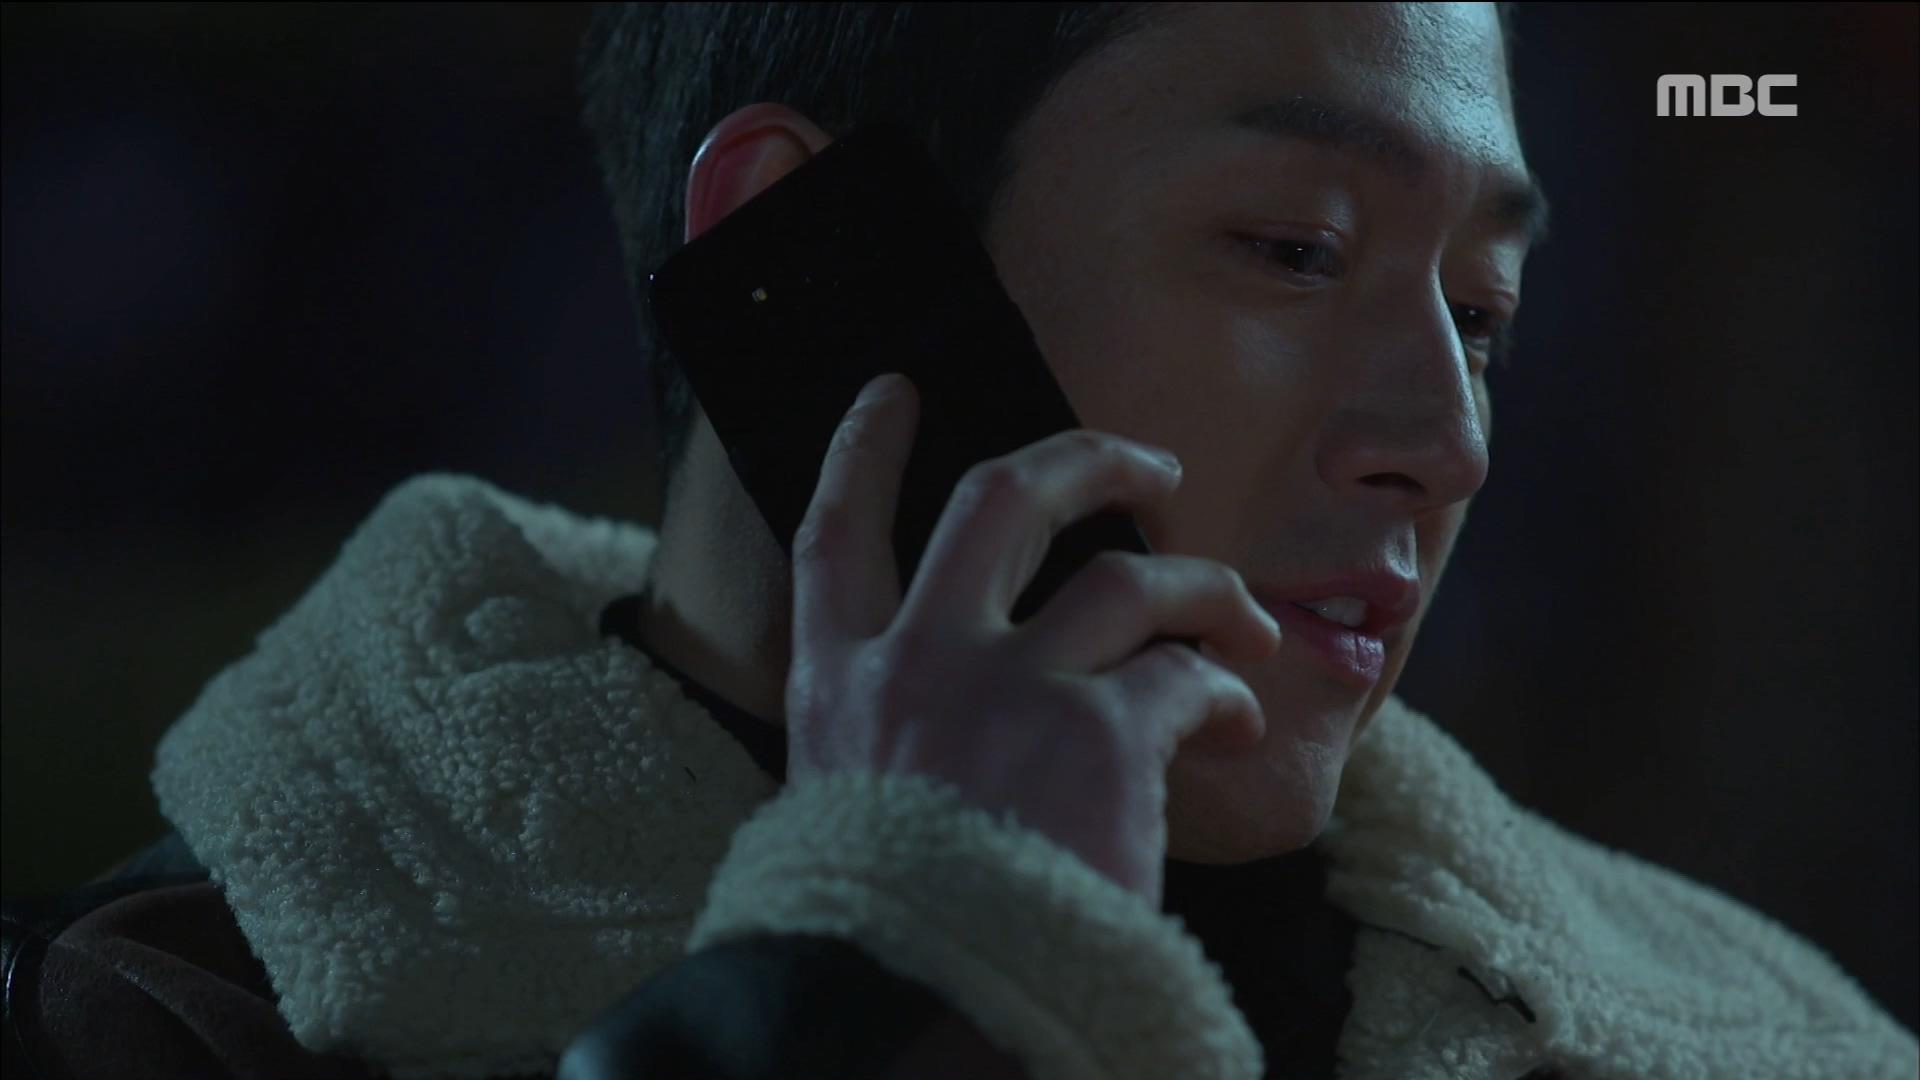 박정학이 장승조의 친부?!